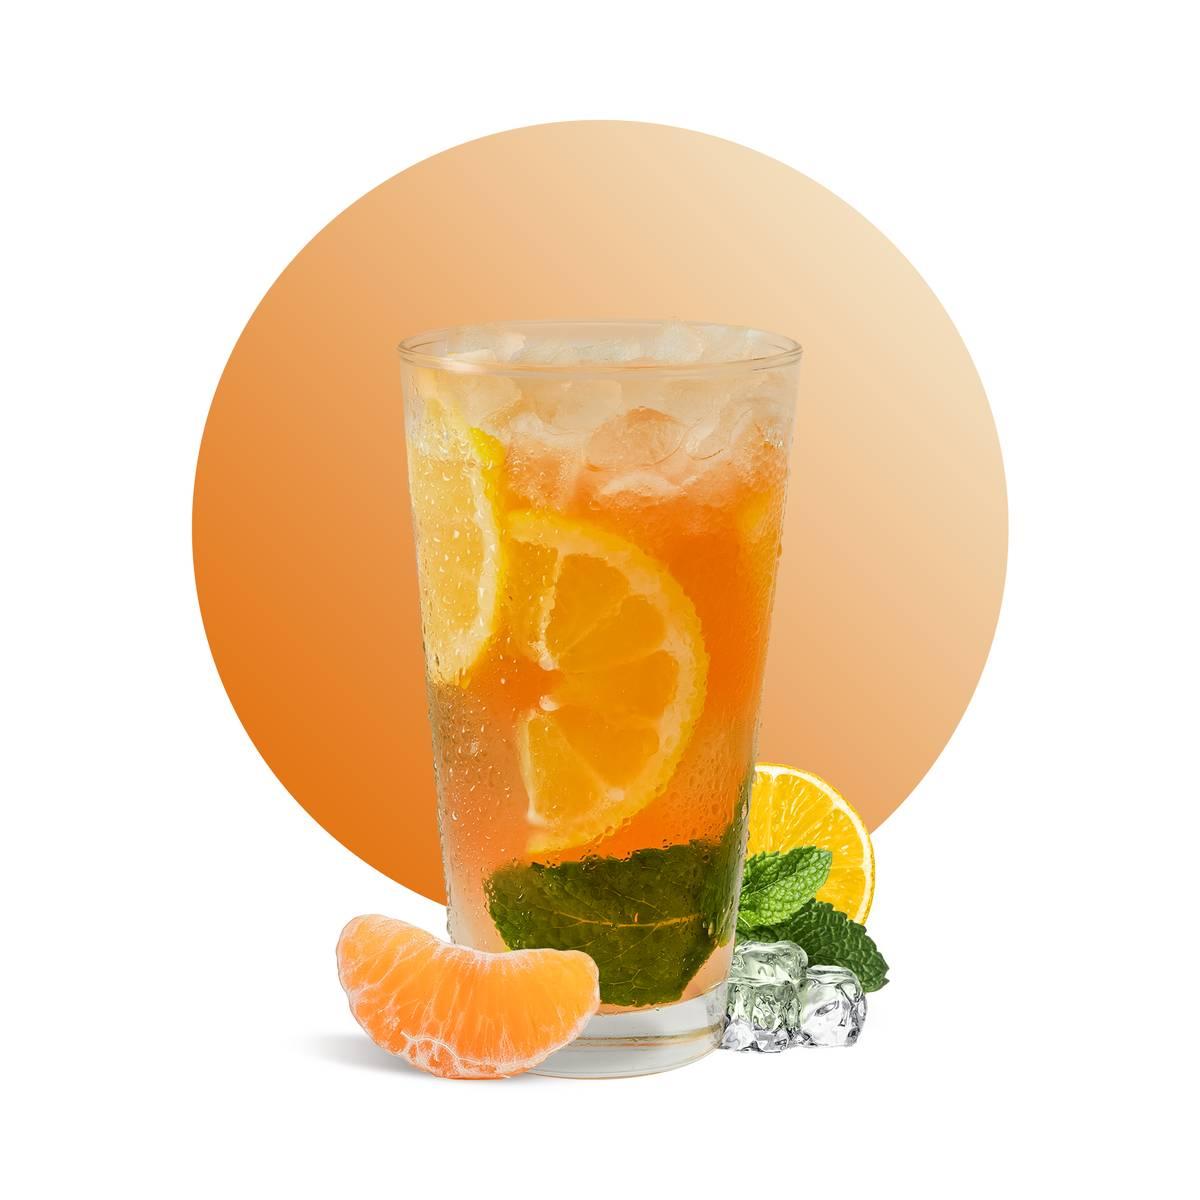 Tangerine Mojito Drink Recipes